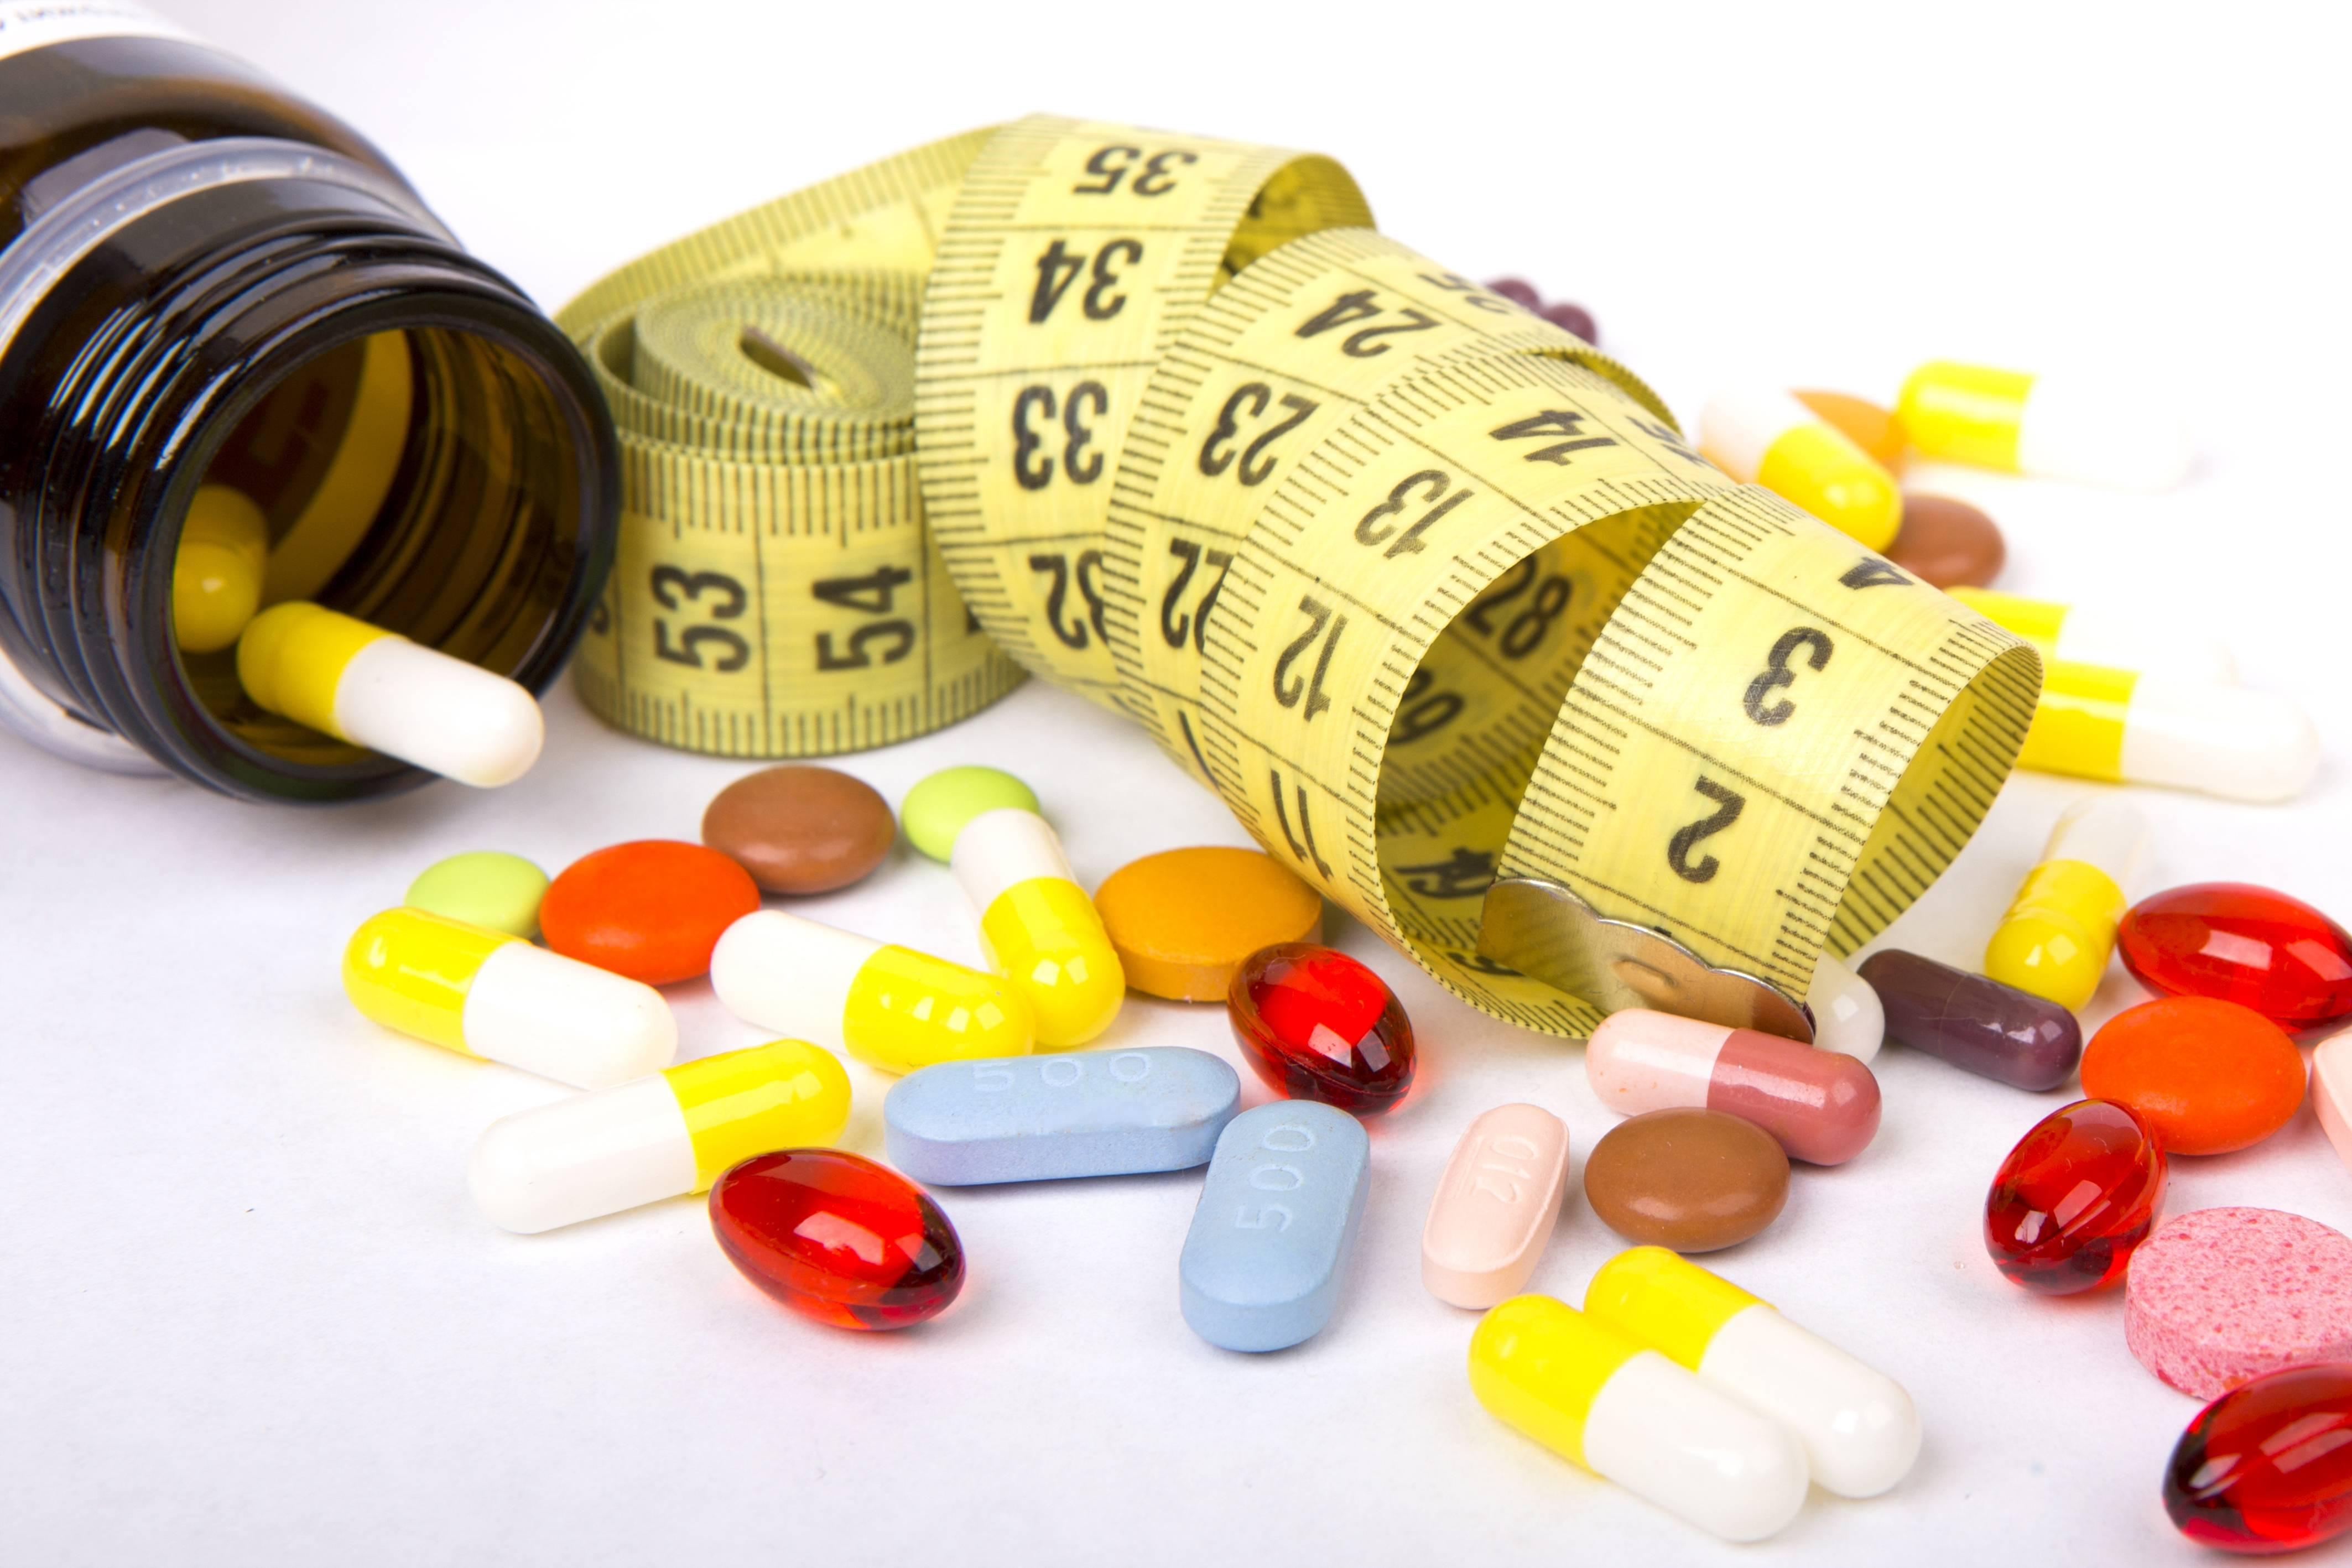 ceea ce poate stimula pierderea mea în greutate pierderea în greutate uv